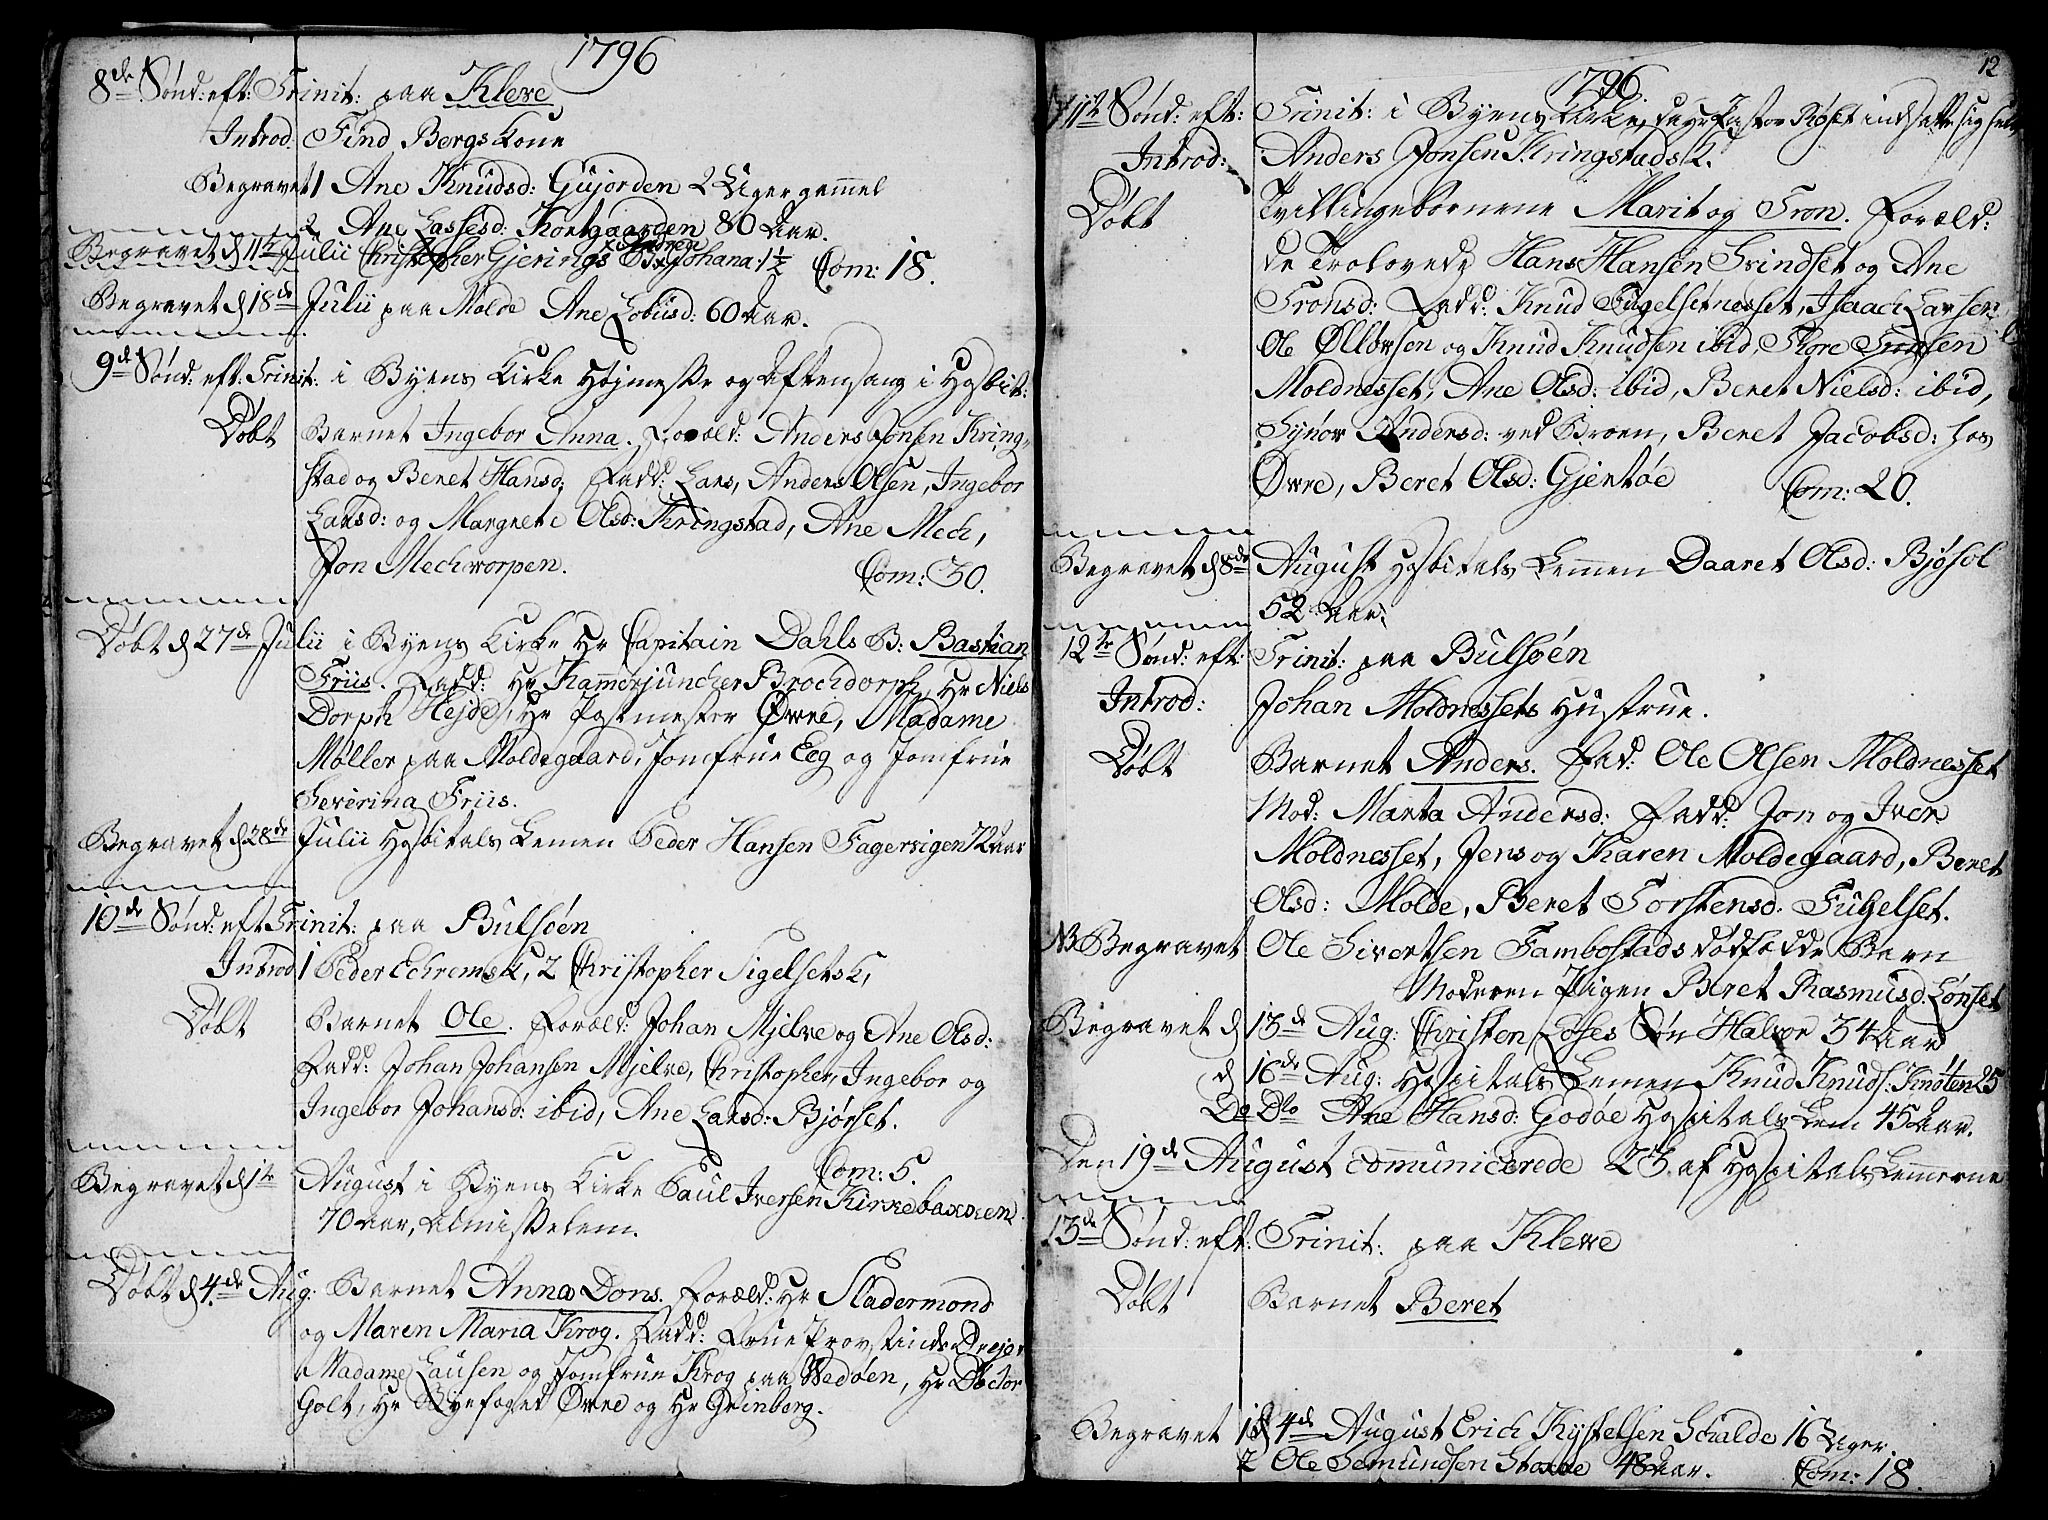 SAT, Ministerialprotokoller, klokkerbøker og fødselsregistre - Møre og Romsdal, 555/L0649: Ministerialbok nr. 555A02 /1, 1795-1821, s. 12